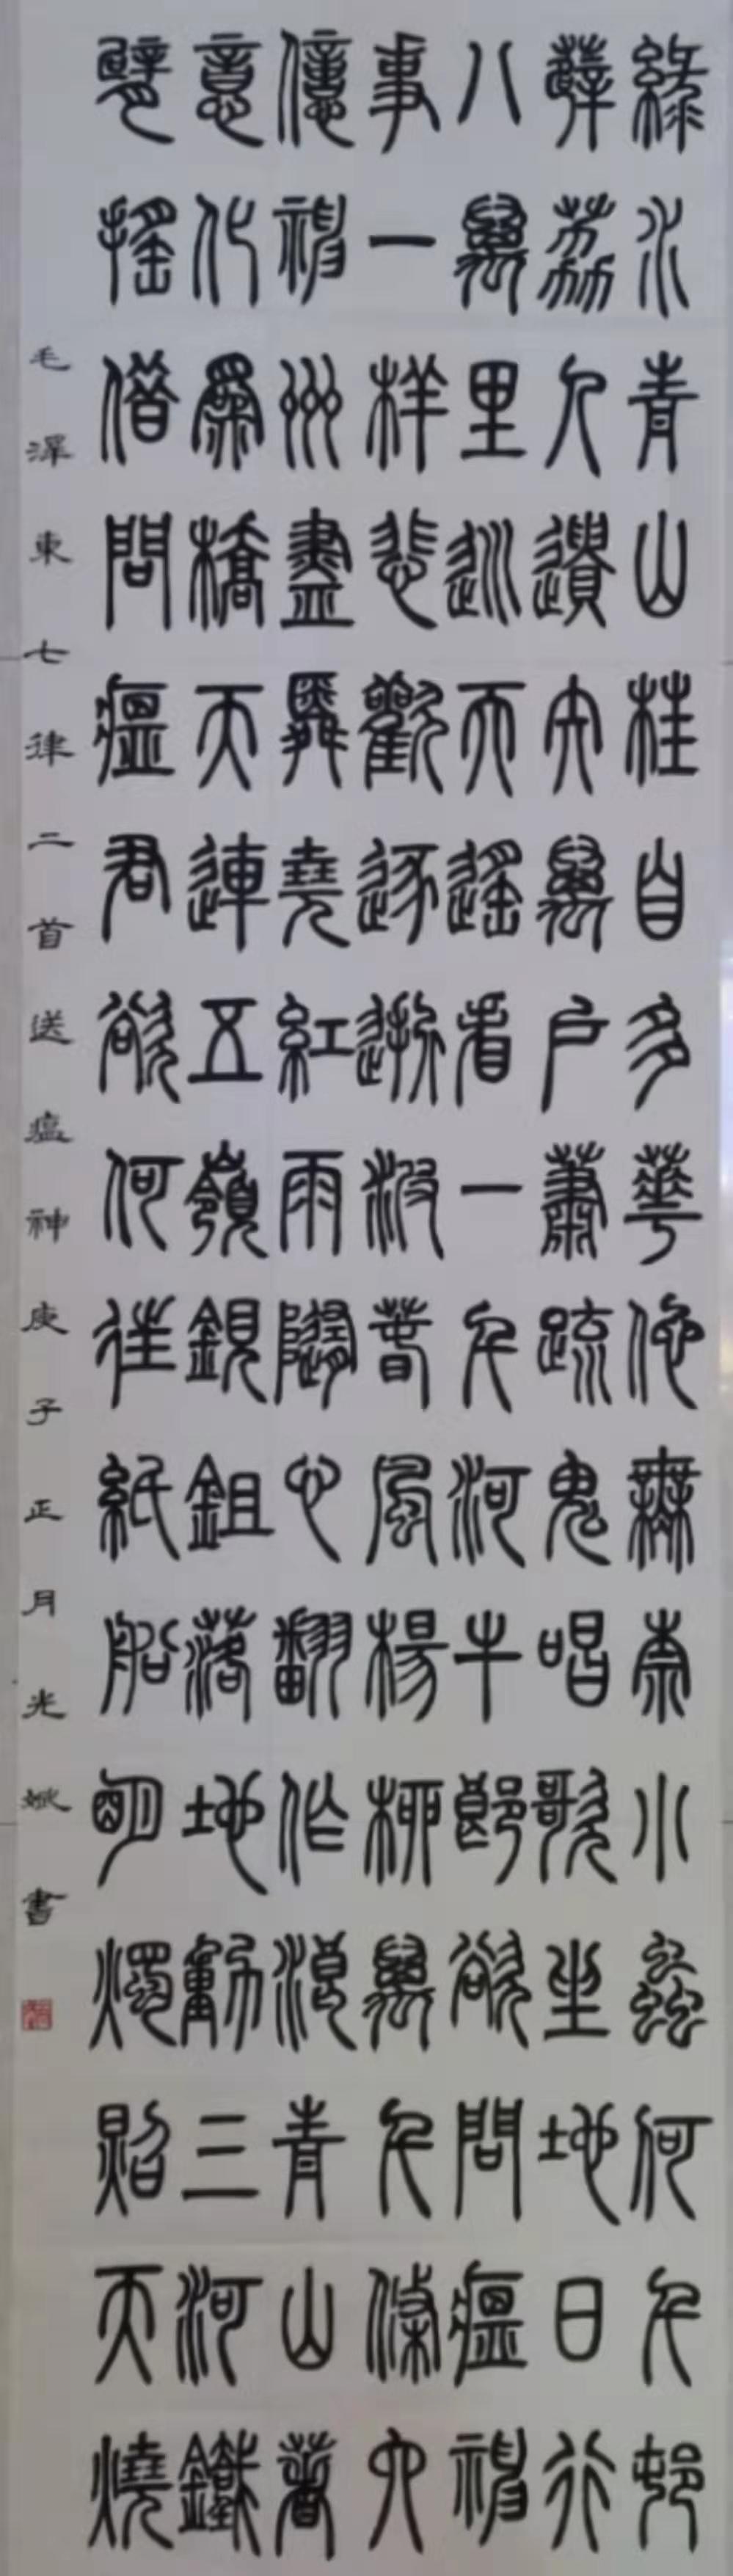 作者:韦光彬